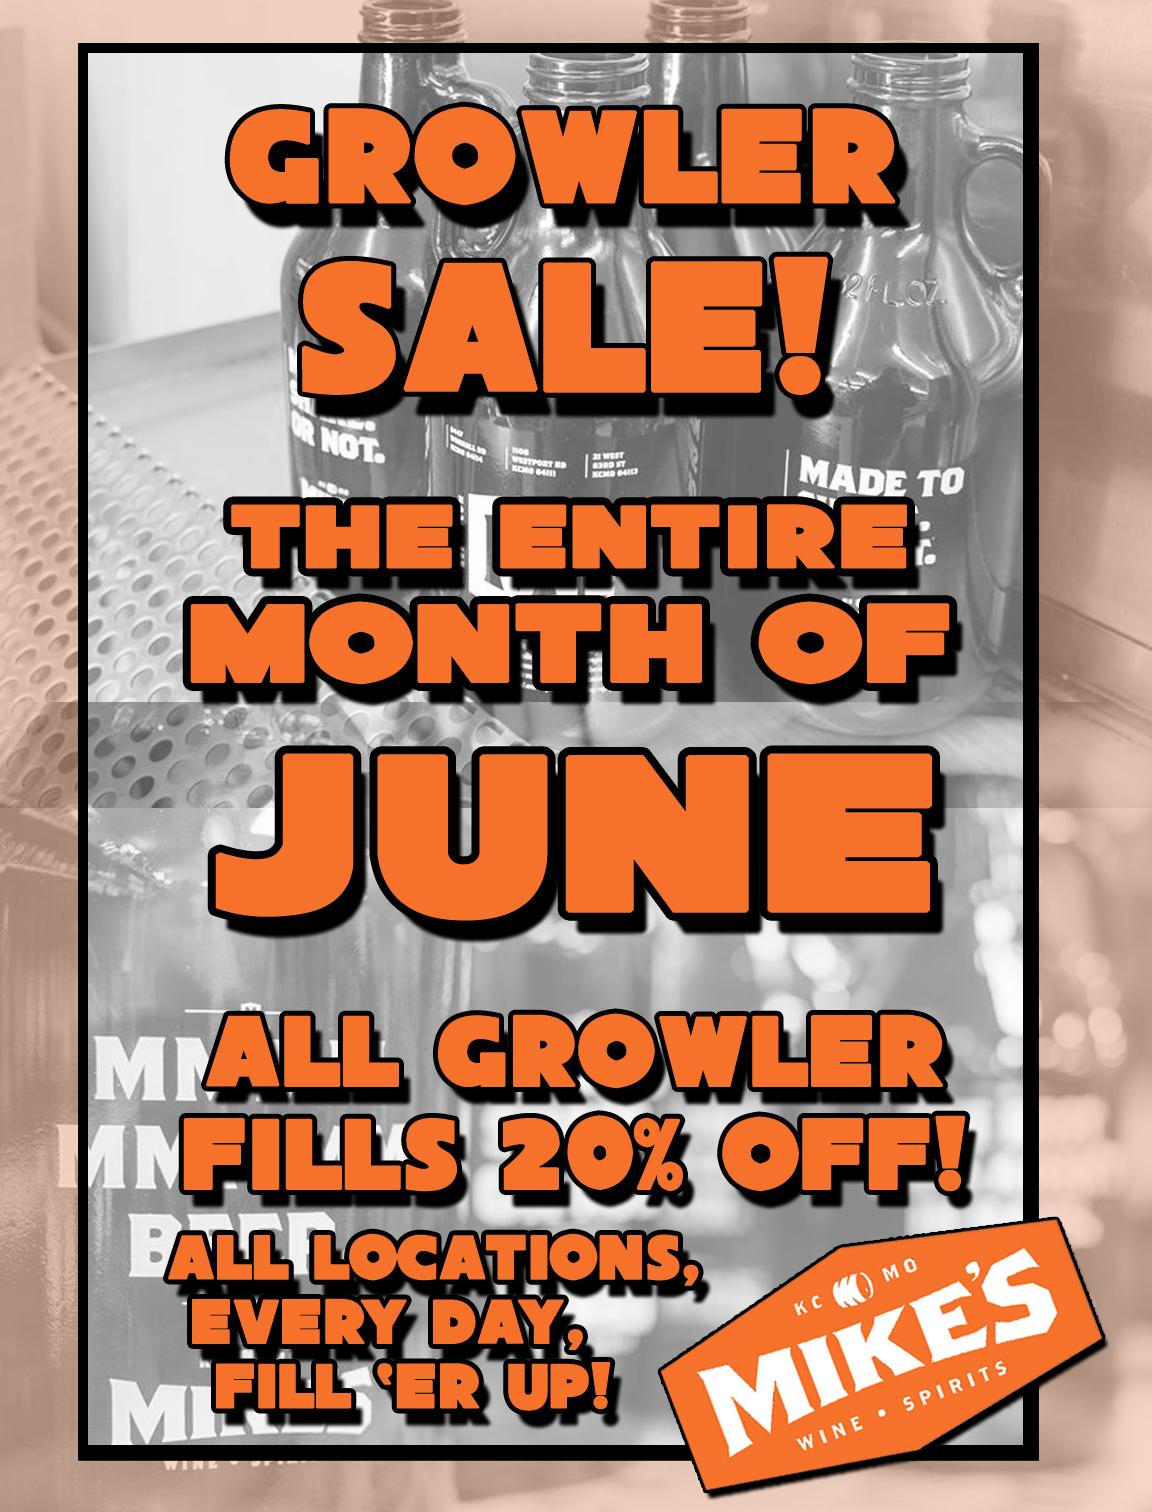 June2019GrowlerSaleFlyer copy.jpg